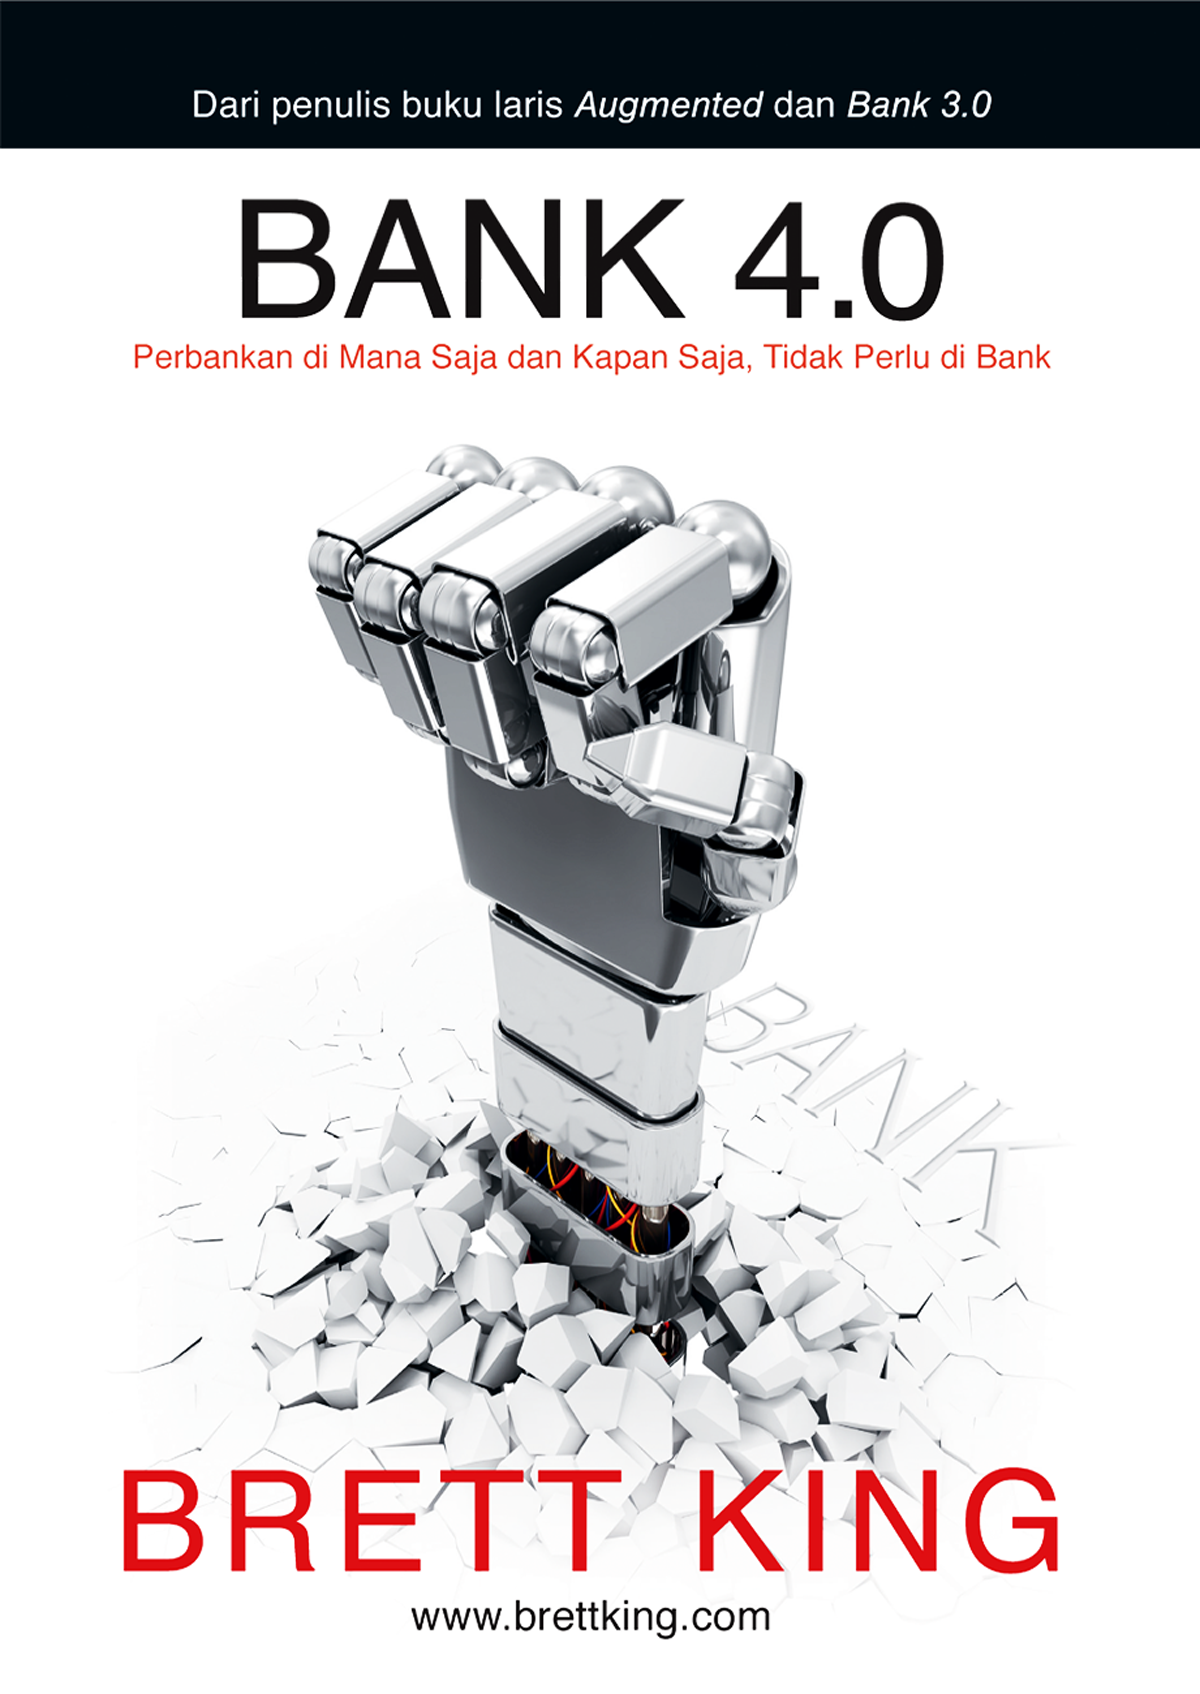 BANK, Masih Perlukah?